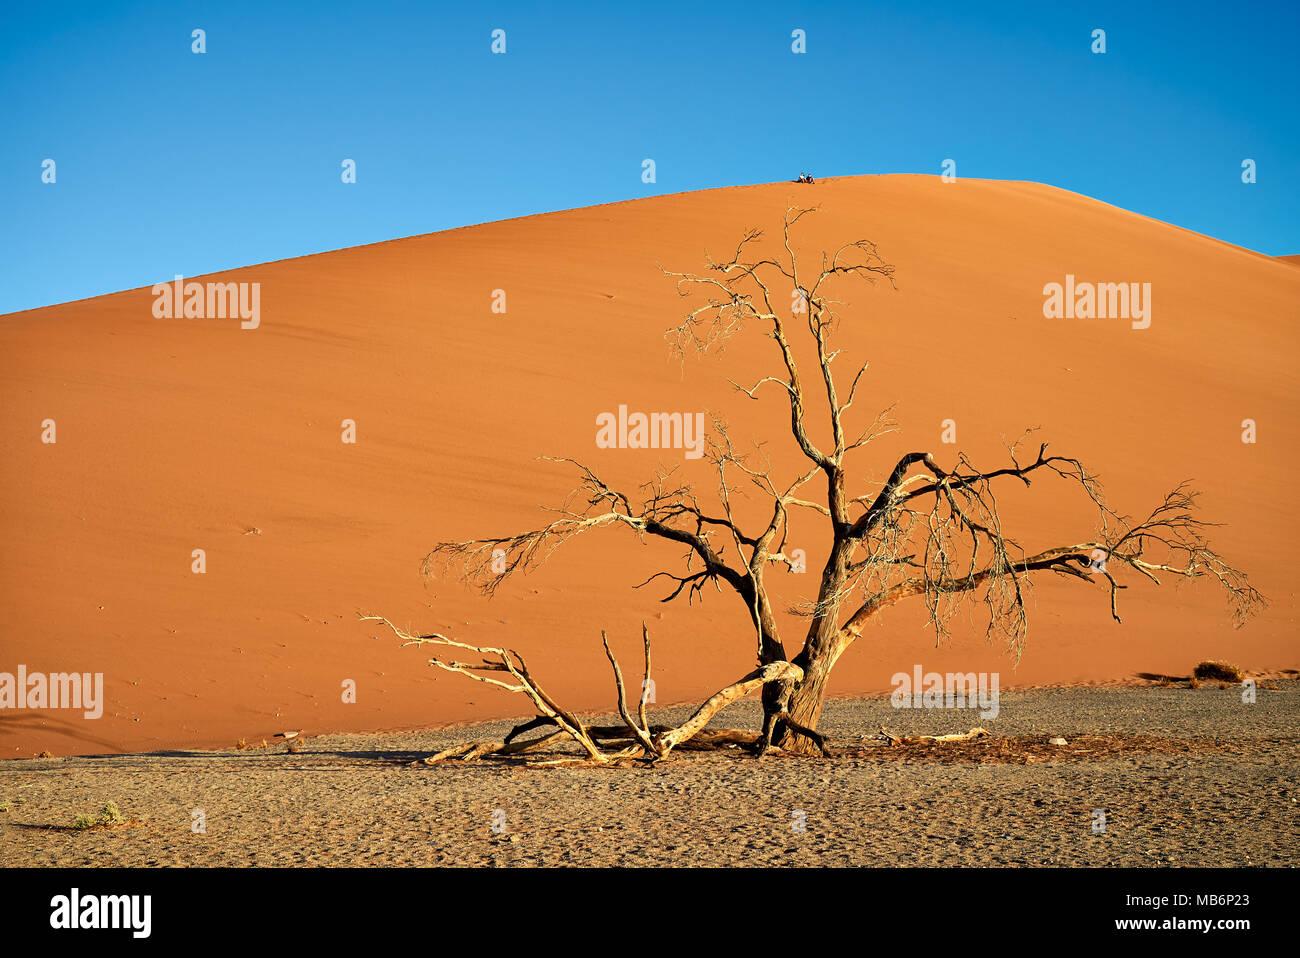 tree with dune 45, desert landscape of Namib - Stock Image